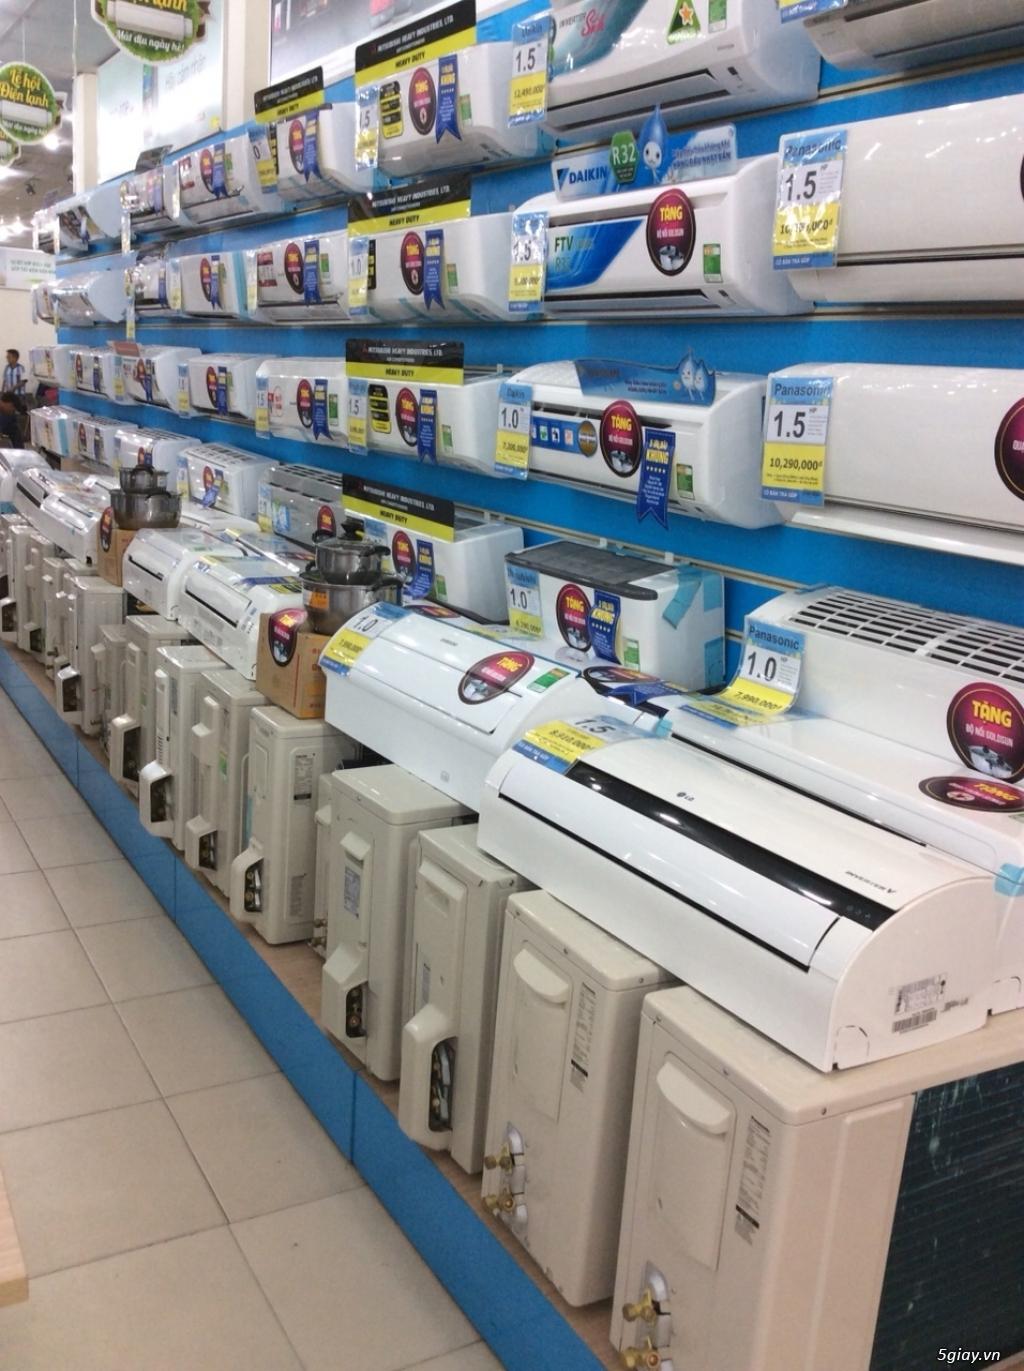 Bán trả góp điện máy tivi - máy lạnh - máy giặt - nội thất giá tốt ....0918018135 - 10